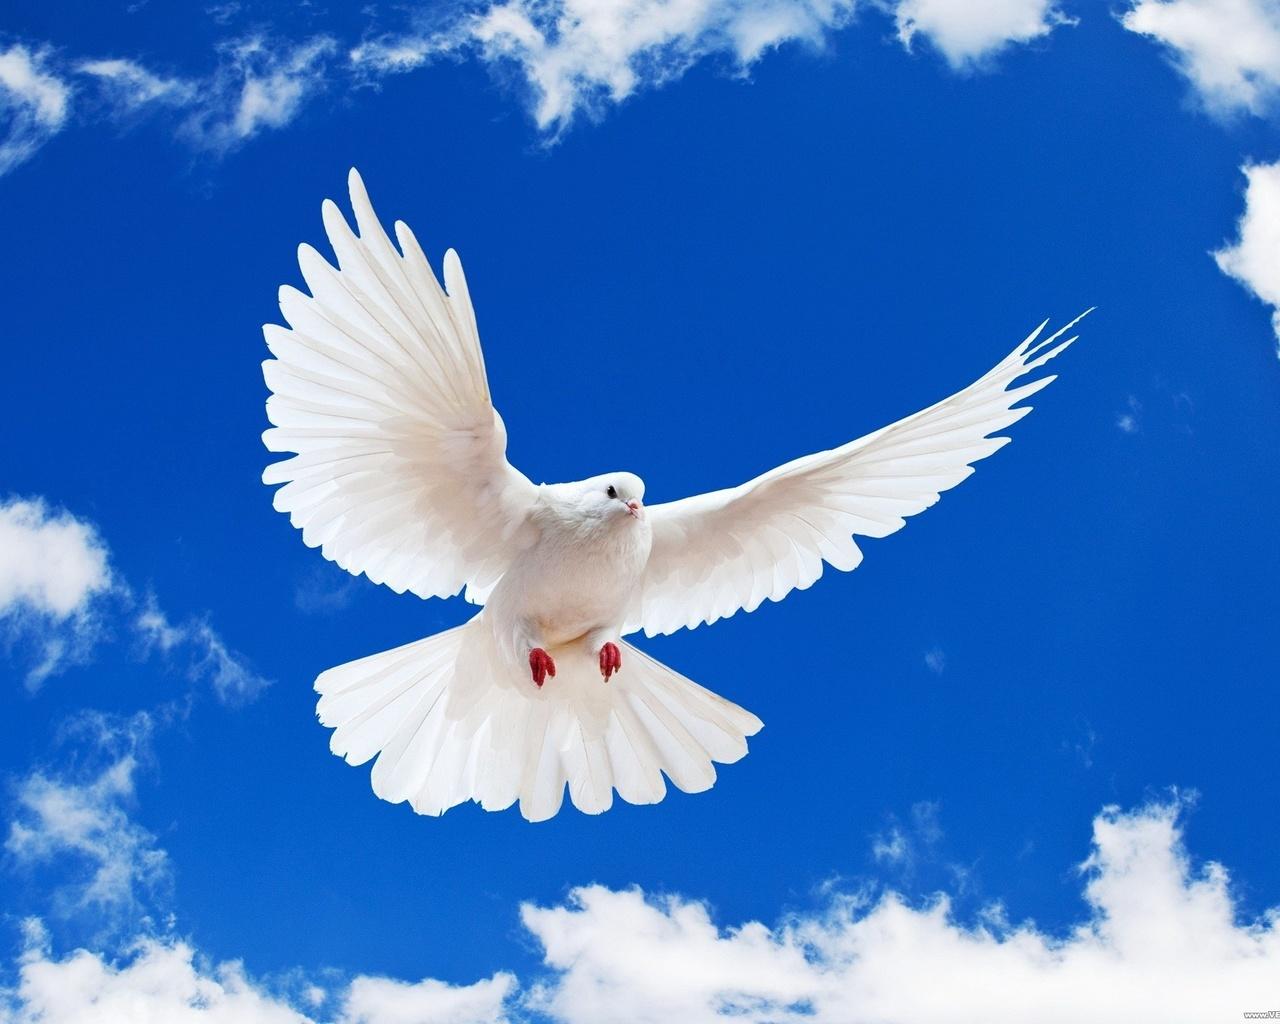 Картинки о мире с голубем мира